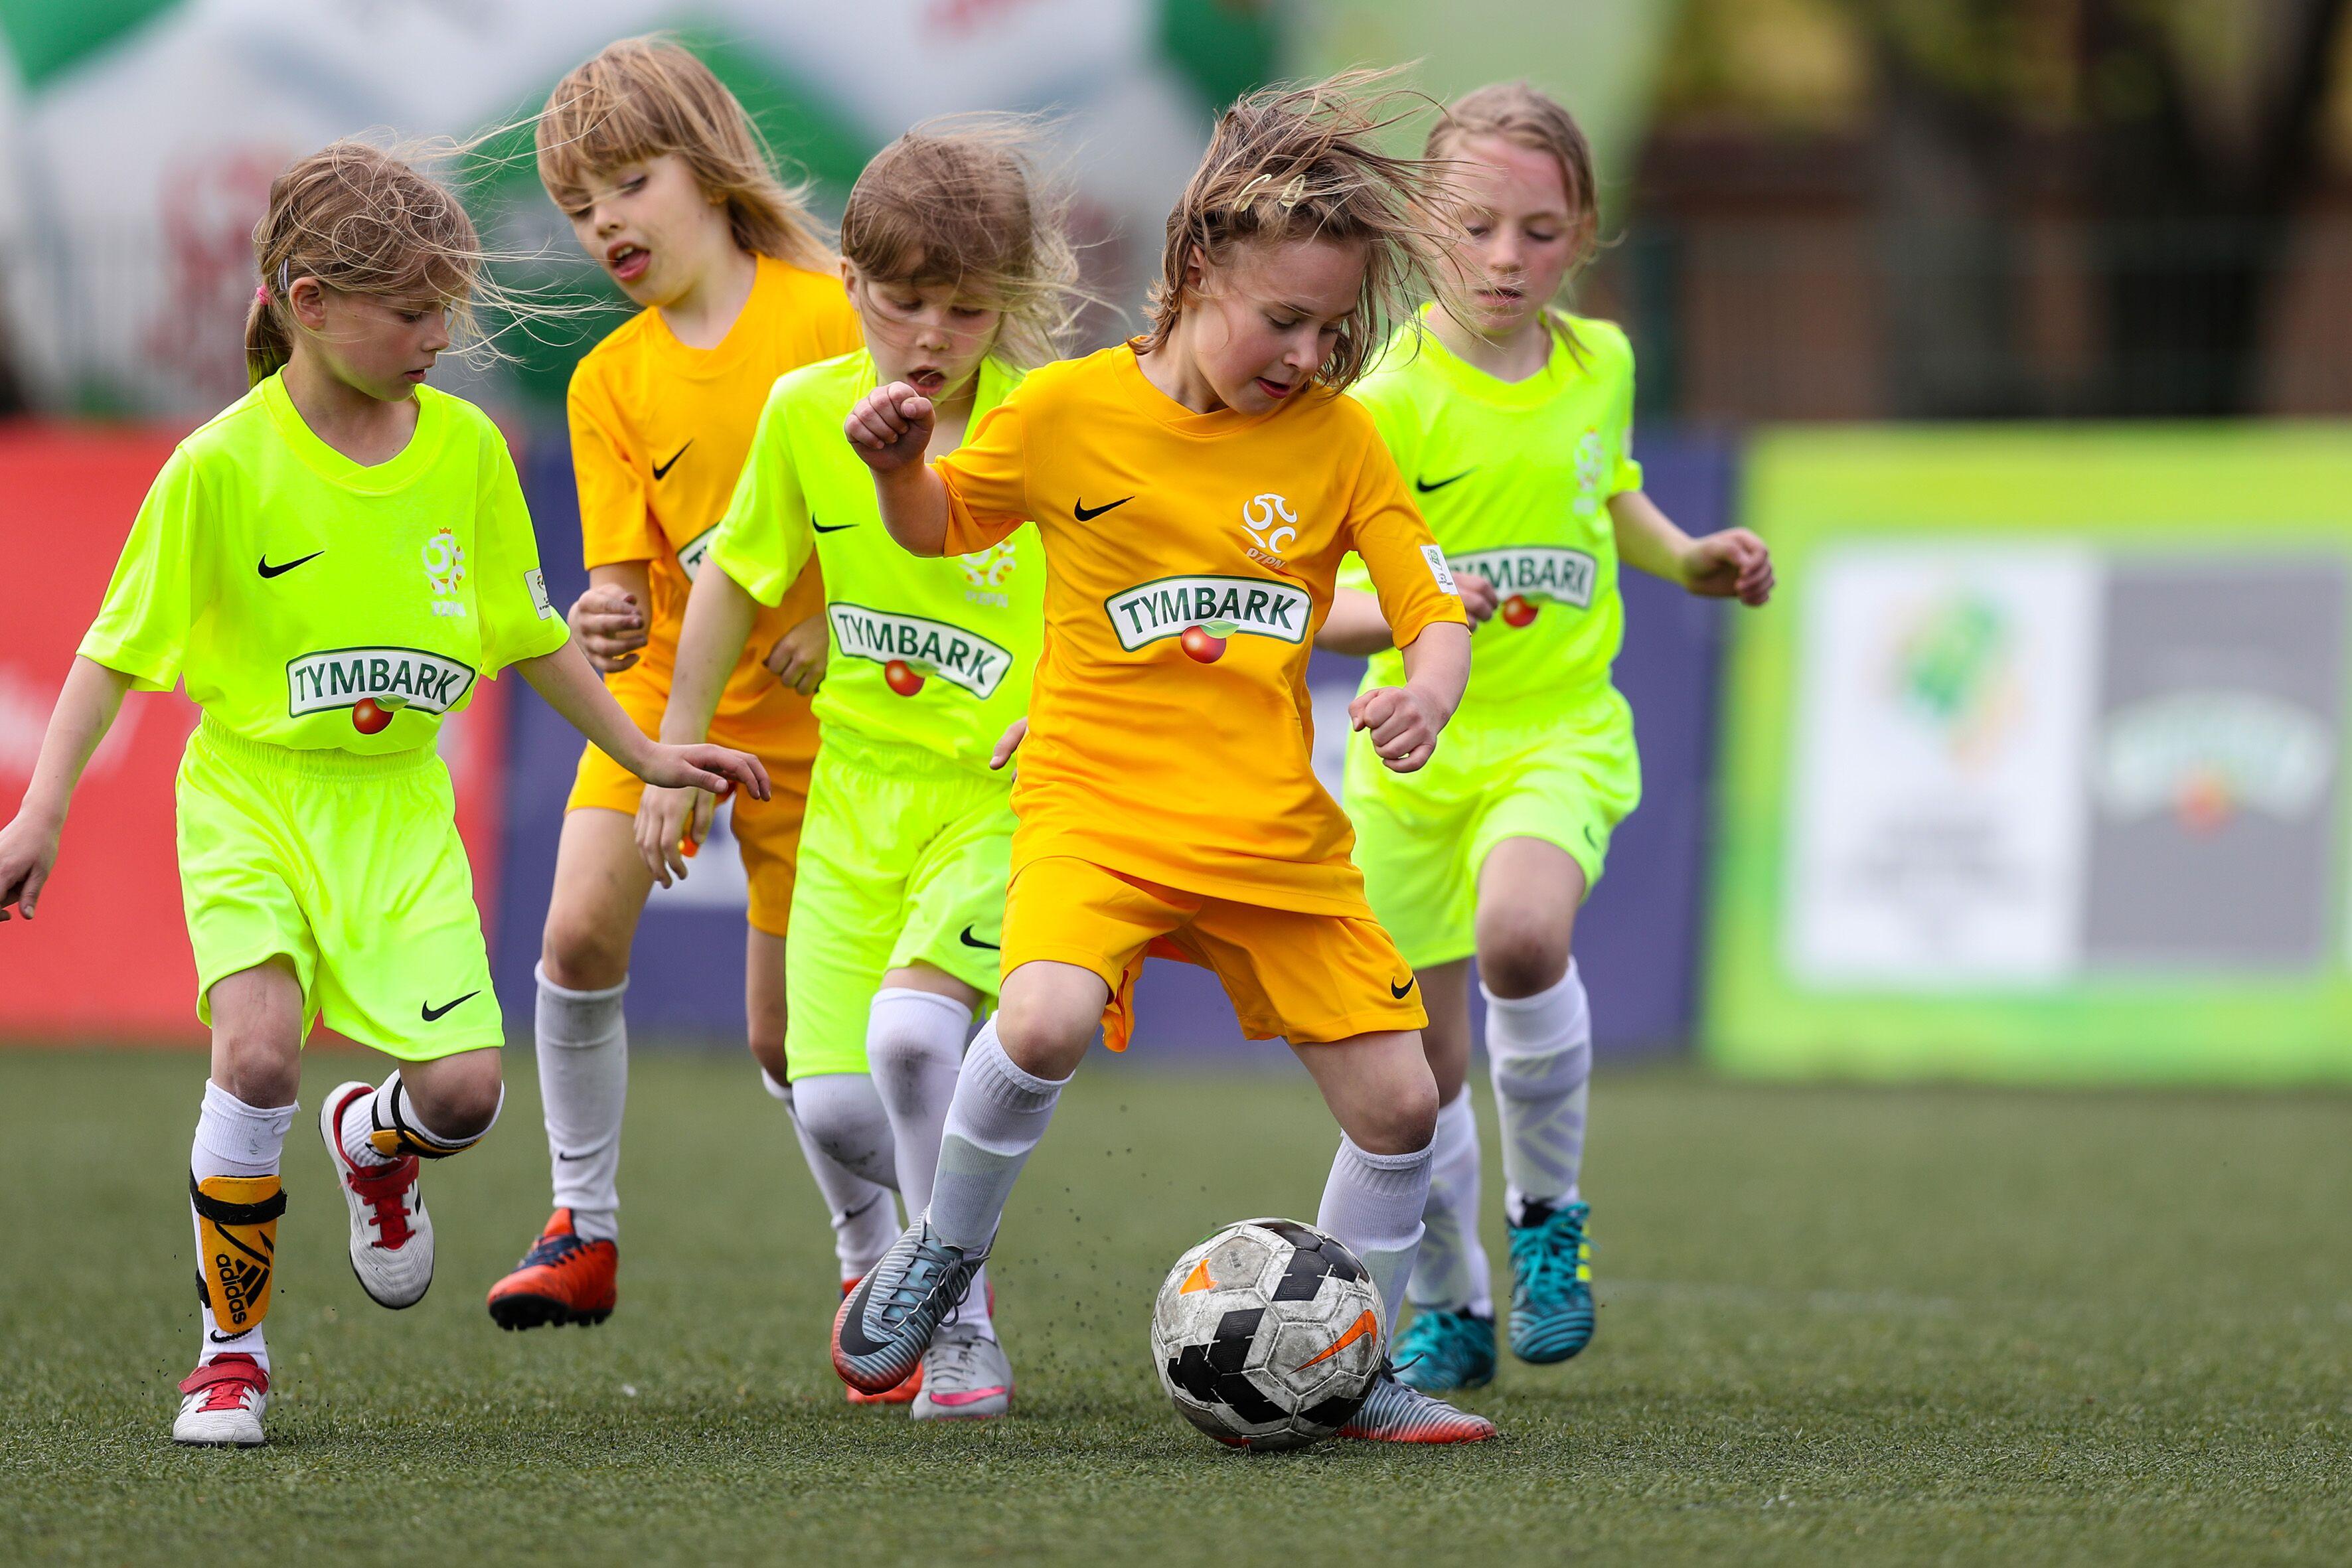 Tymbark Cup: Ten Turniej odkrywa talenty